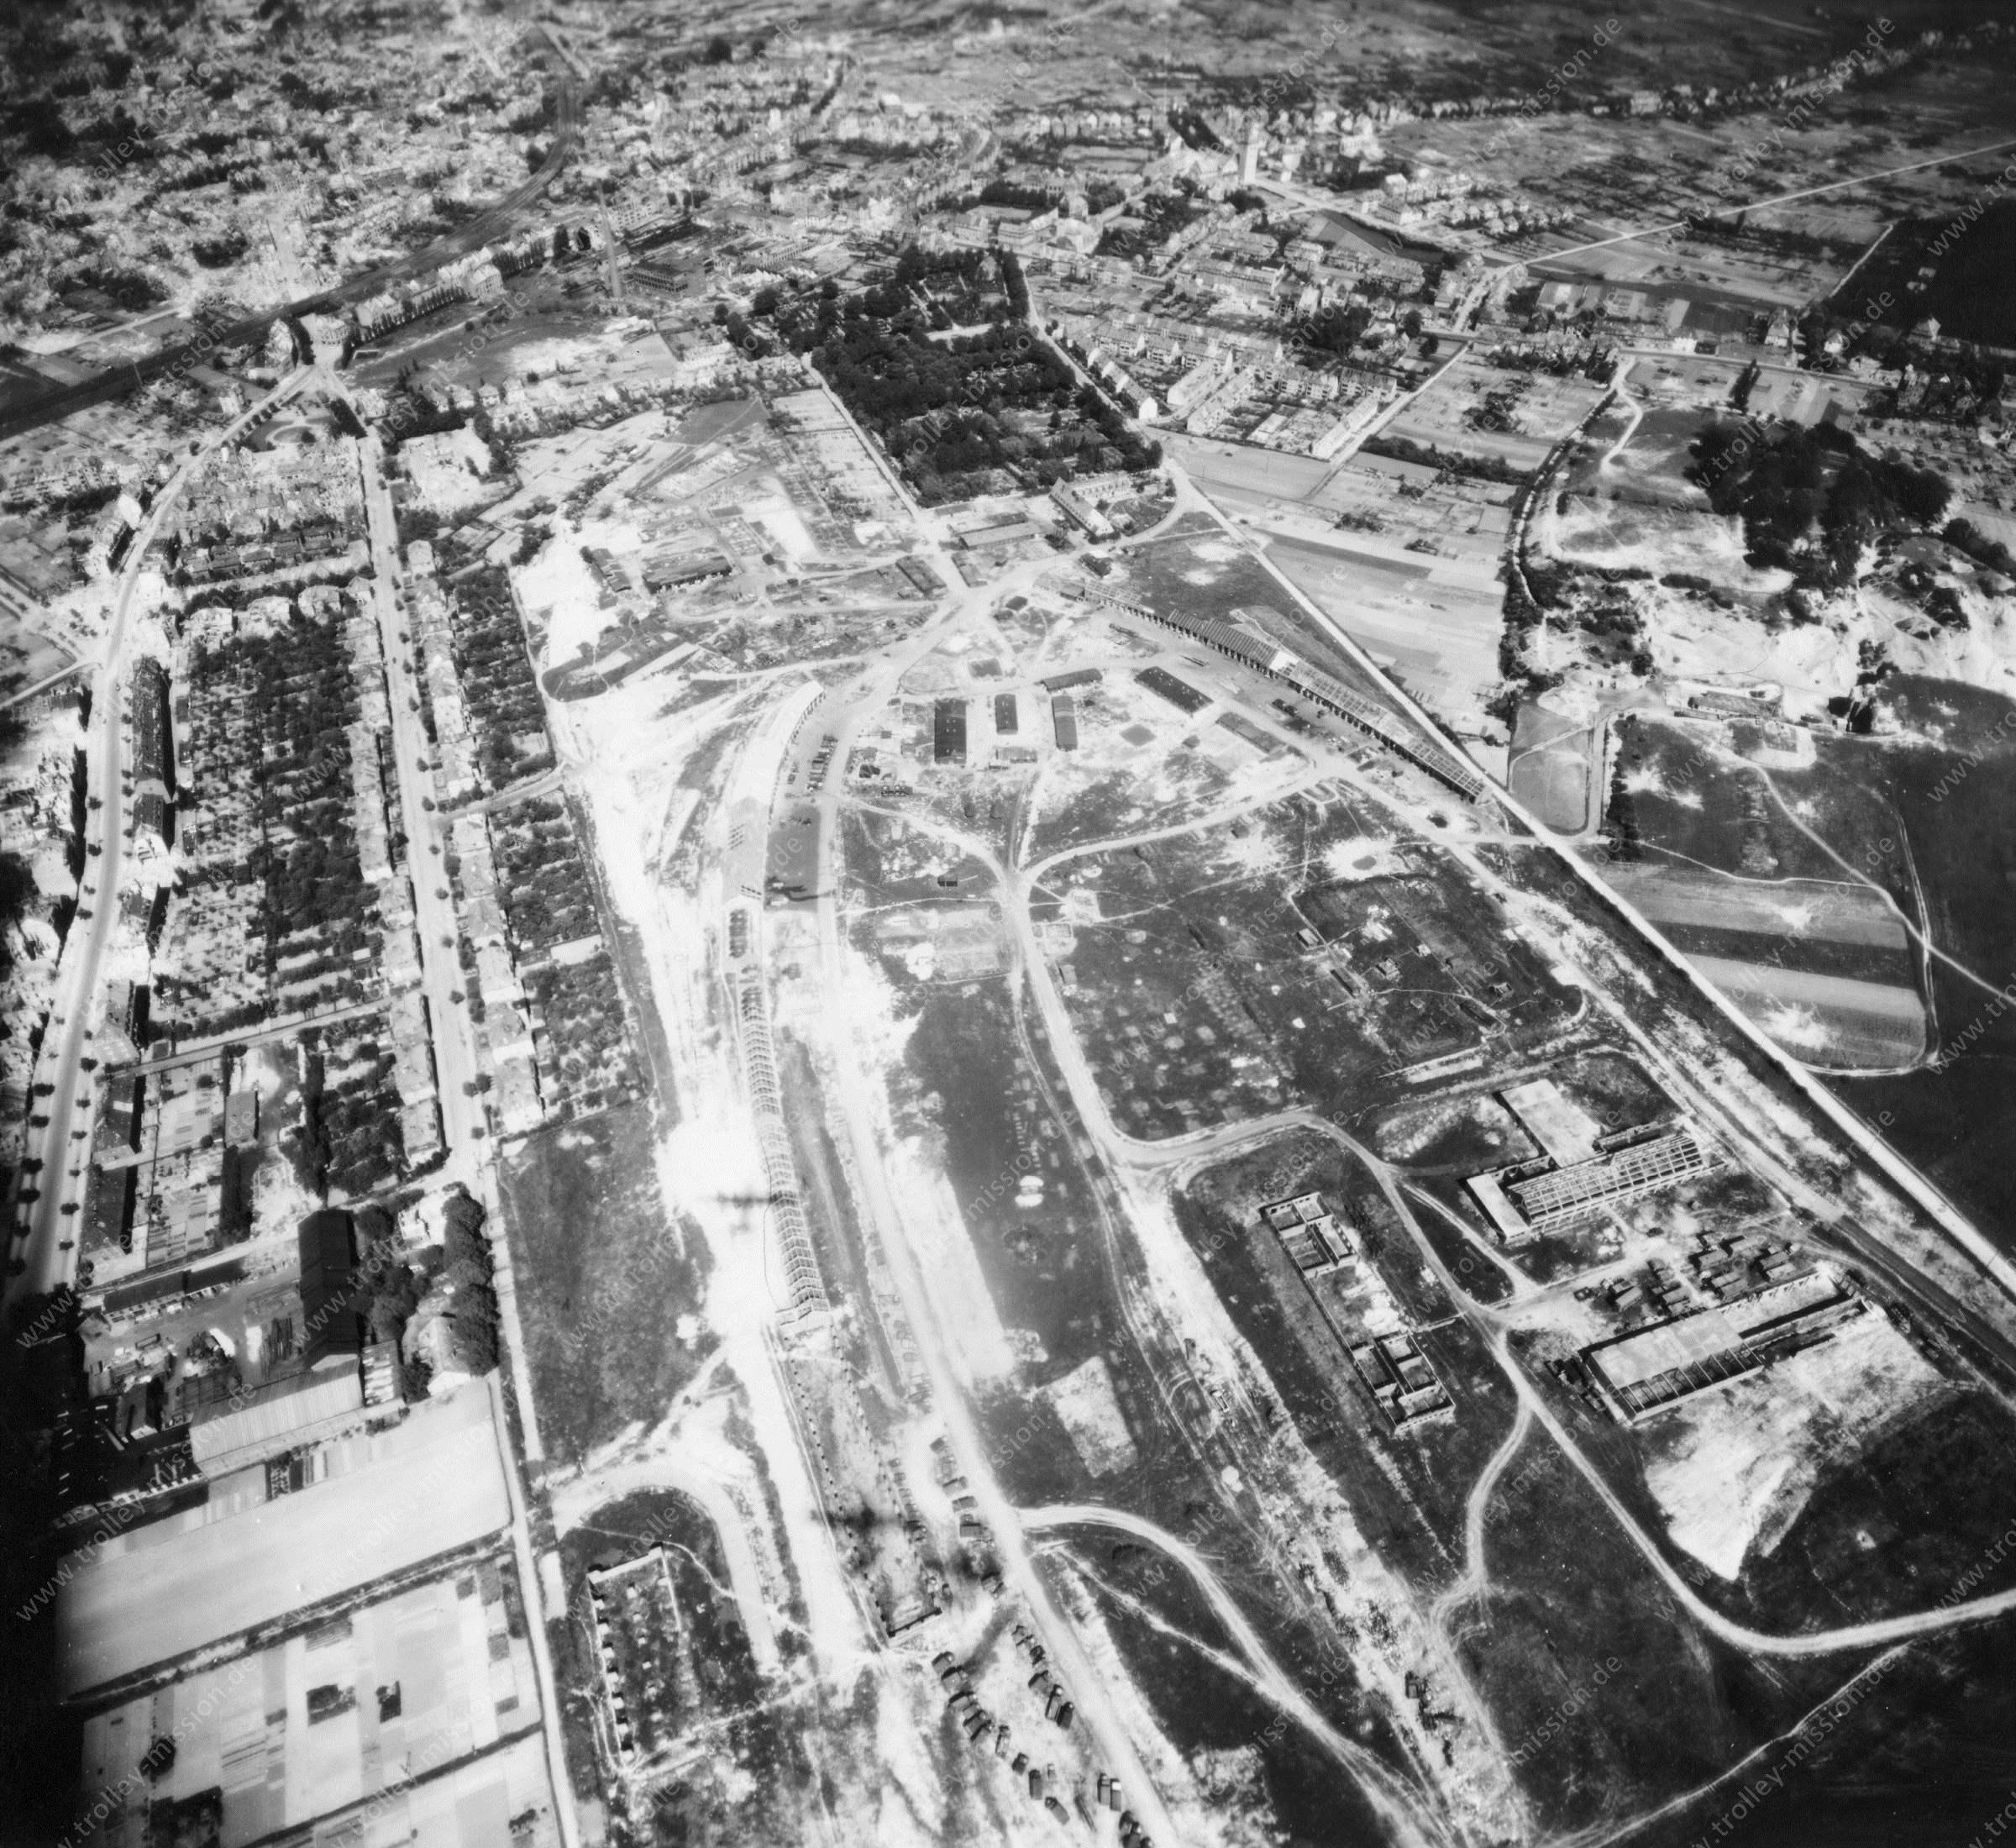 Flak-Kaserne zwischen Hauswörmannsweg und Brinkstraße in Osnabrück im Zweiten Weltkrieg